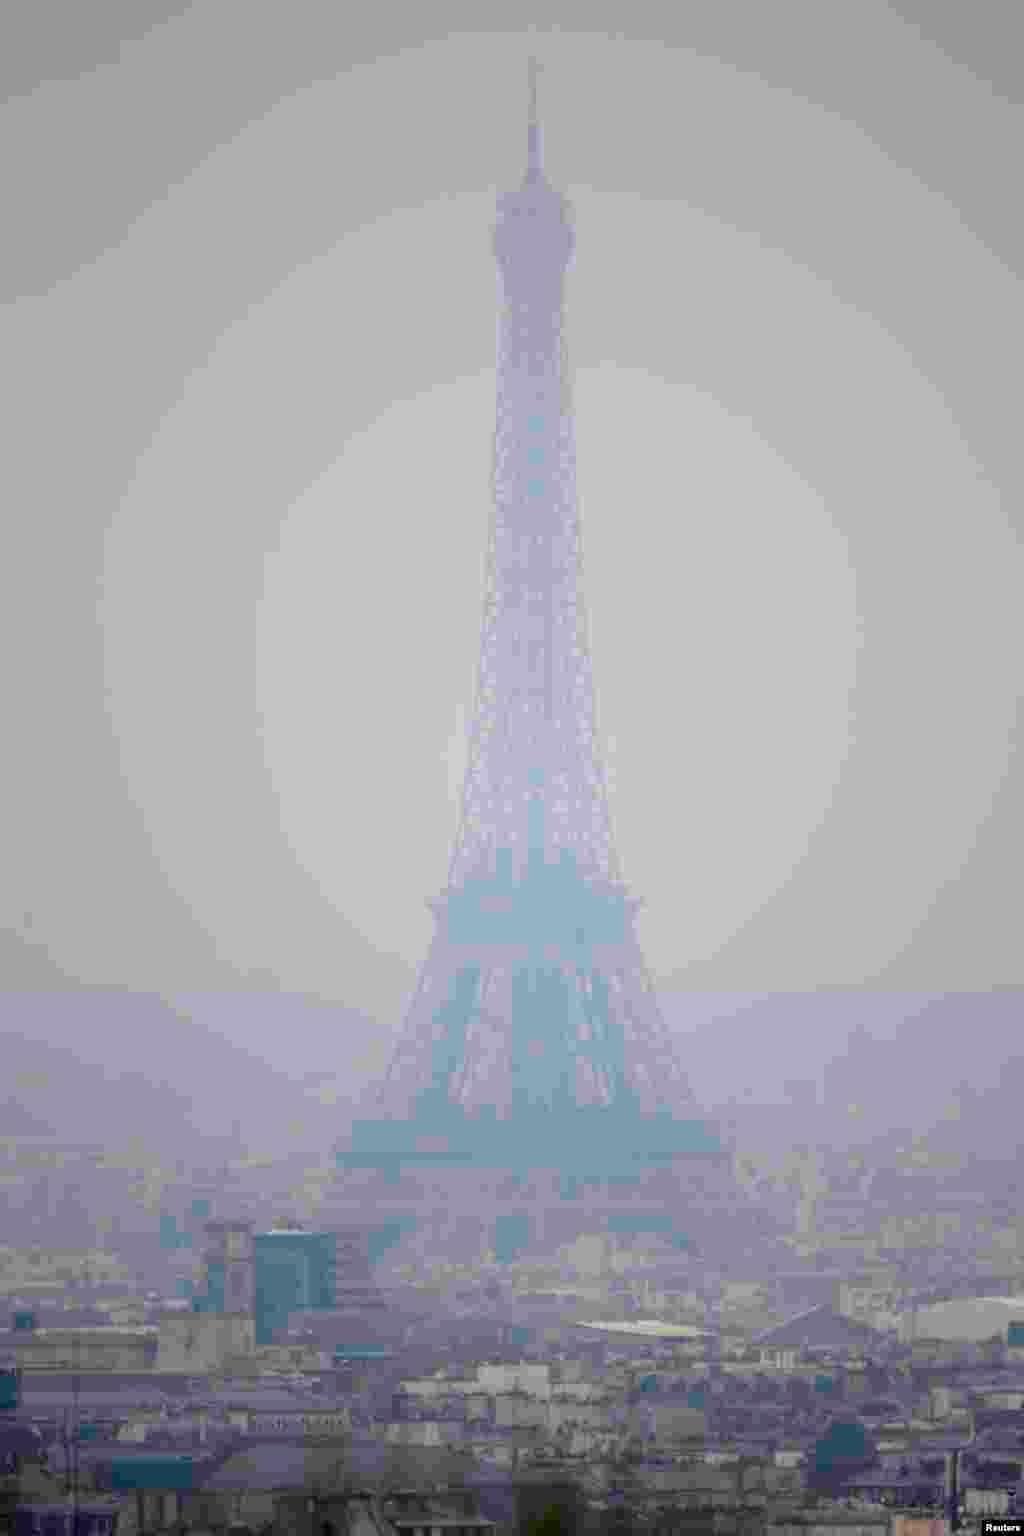 Kabut asap atau smog yang menyelimuti menara Eiffel dan kota Paris (17/3) mendorong pemerintah memberlakukan aturan yang membatasi jumlah kendaraan di jalan ibukota dan pinggiran kota. (Reuters/Charles Platiau)